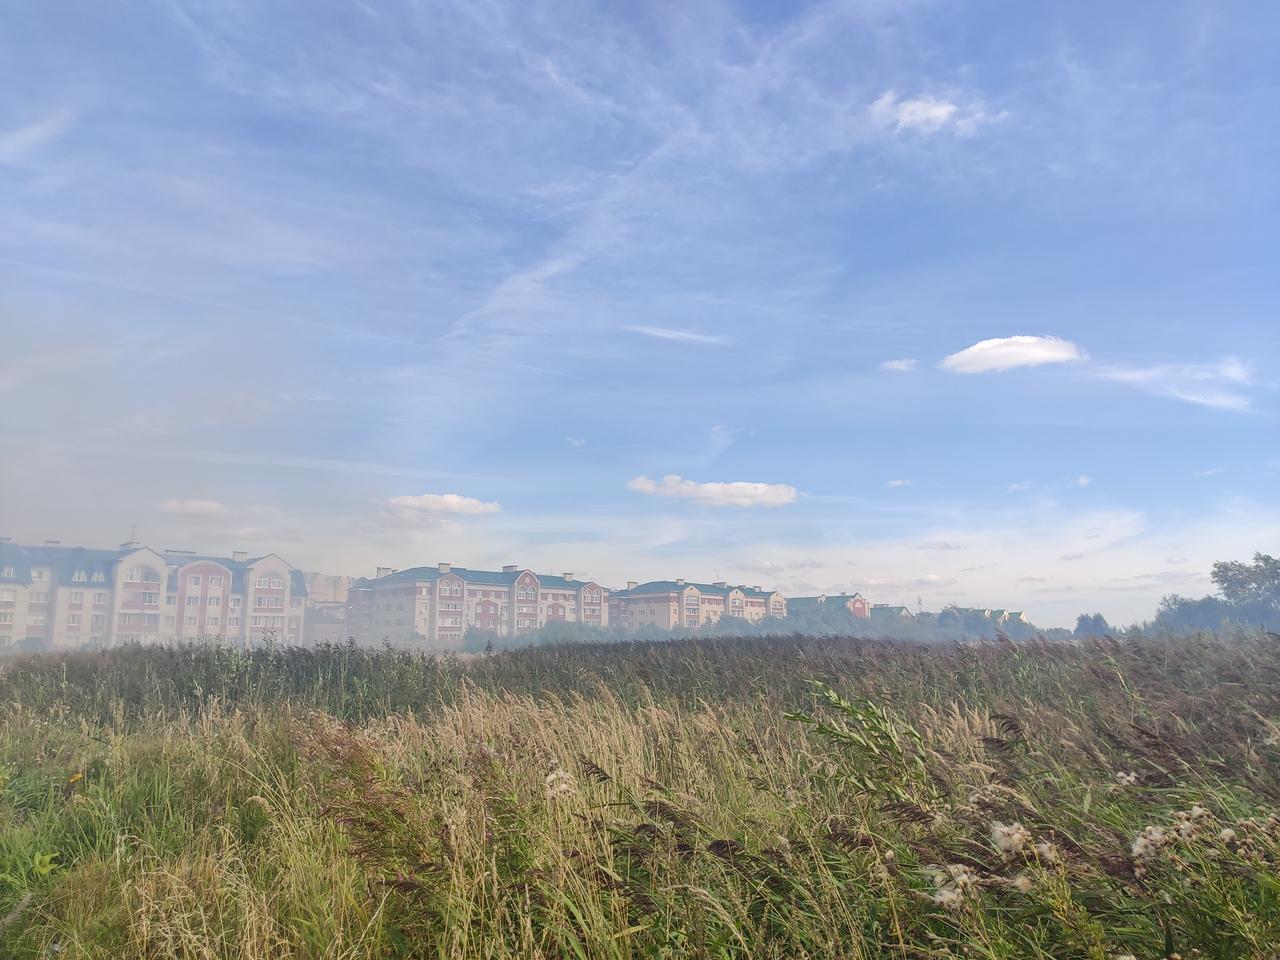 В сеть попали фотографии пожара на поле в Твери